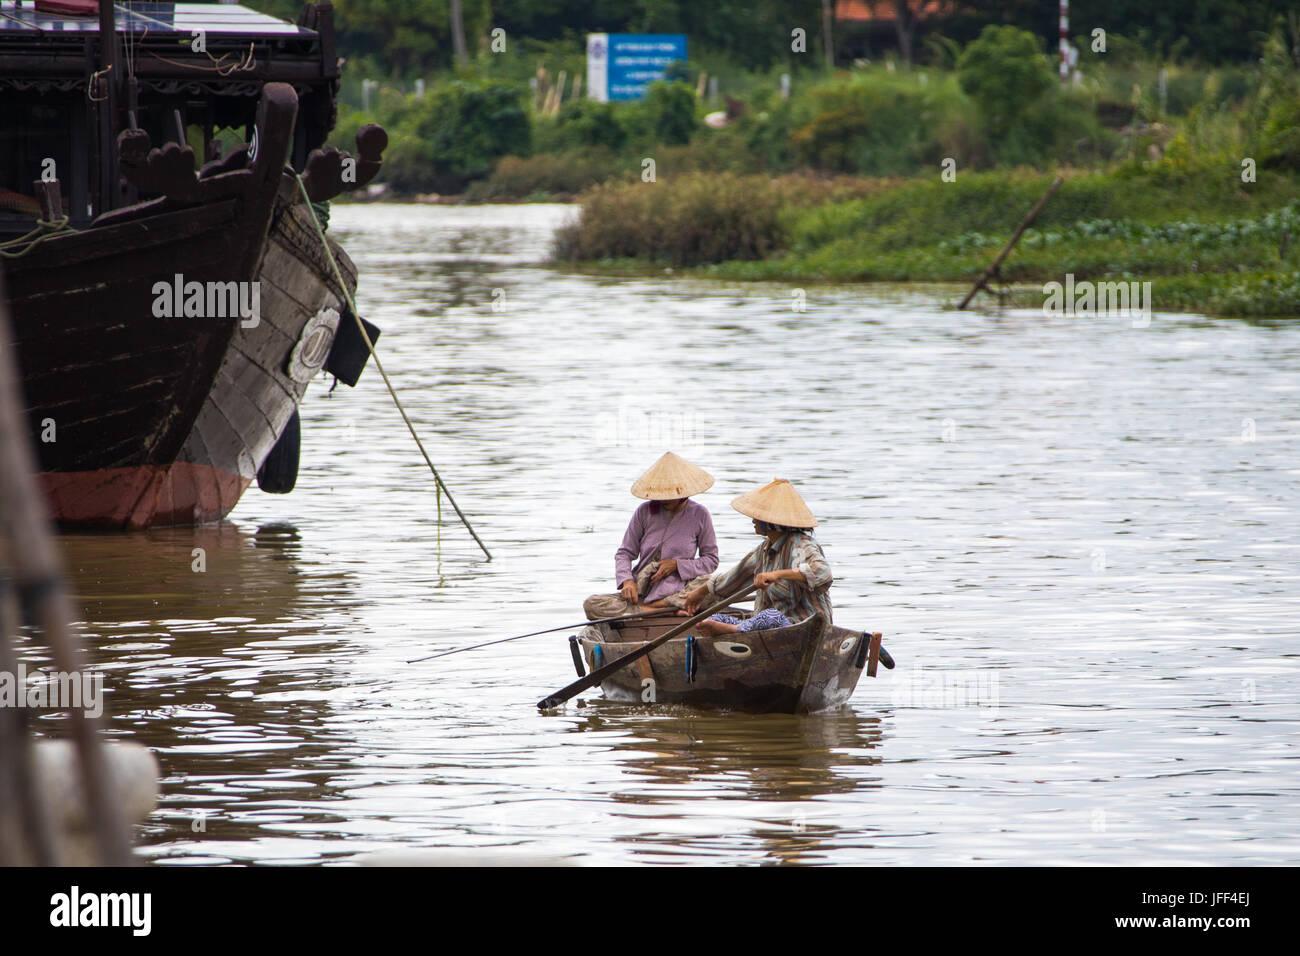 Les femmes dans une barque pour lookoing clients touristiques sur la rivière Thu Bon à Hoi An, Vietnam Photo Stock